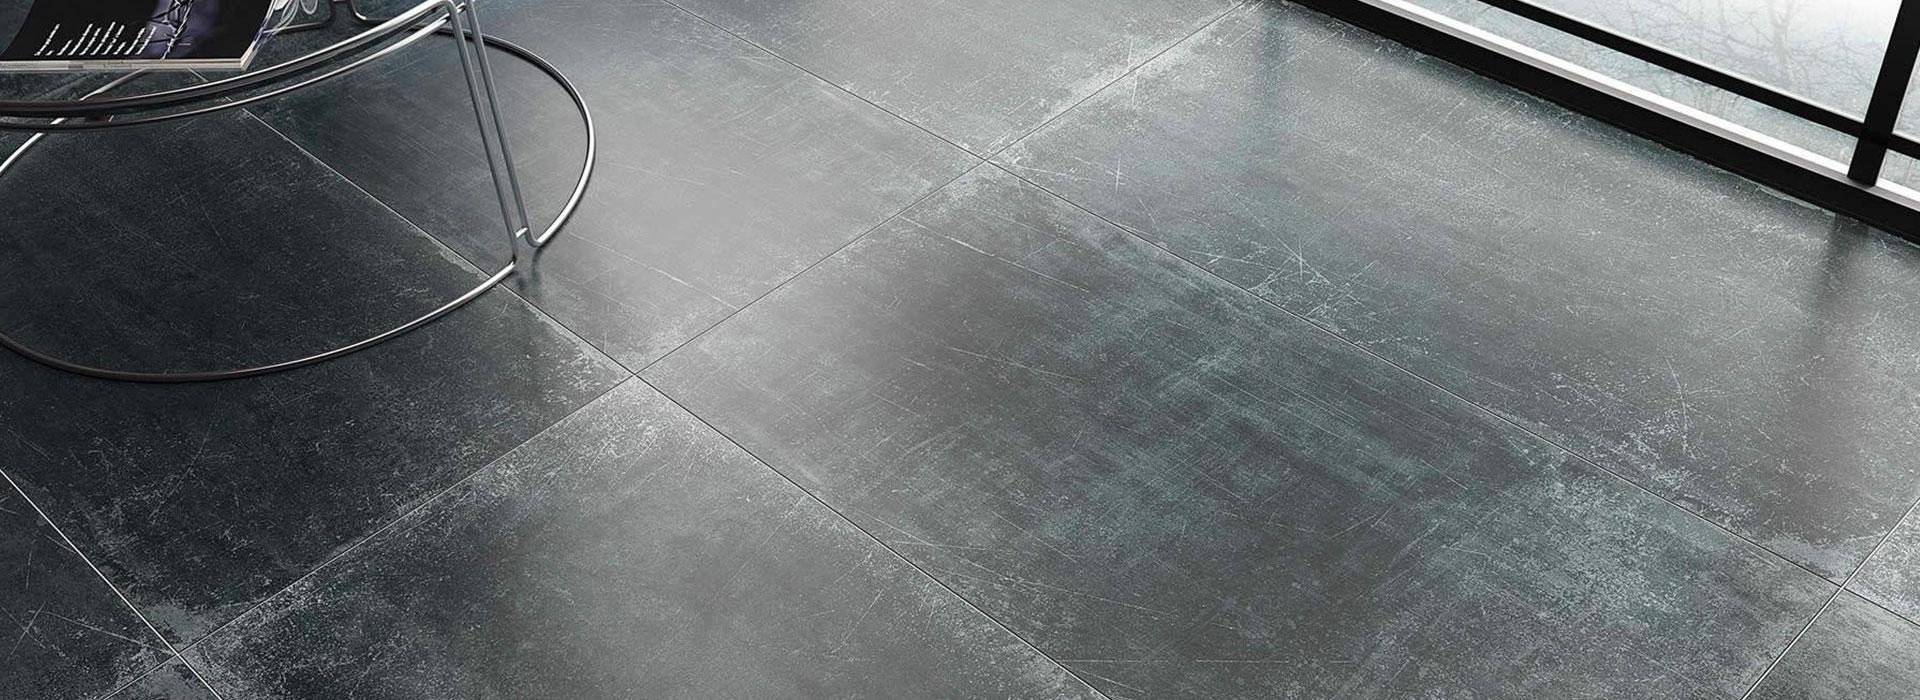 Декор бетон 174 бетон м300 купить тюмень